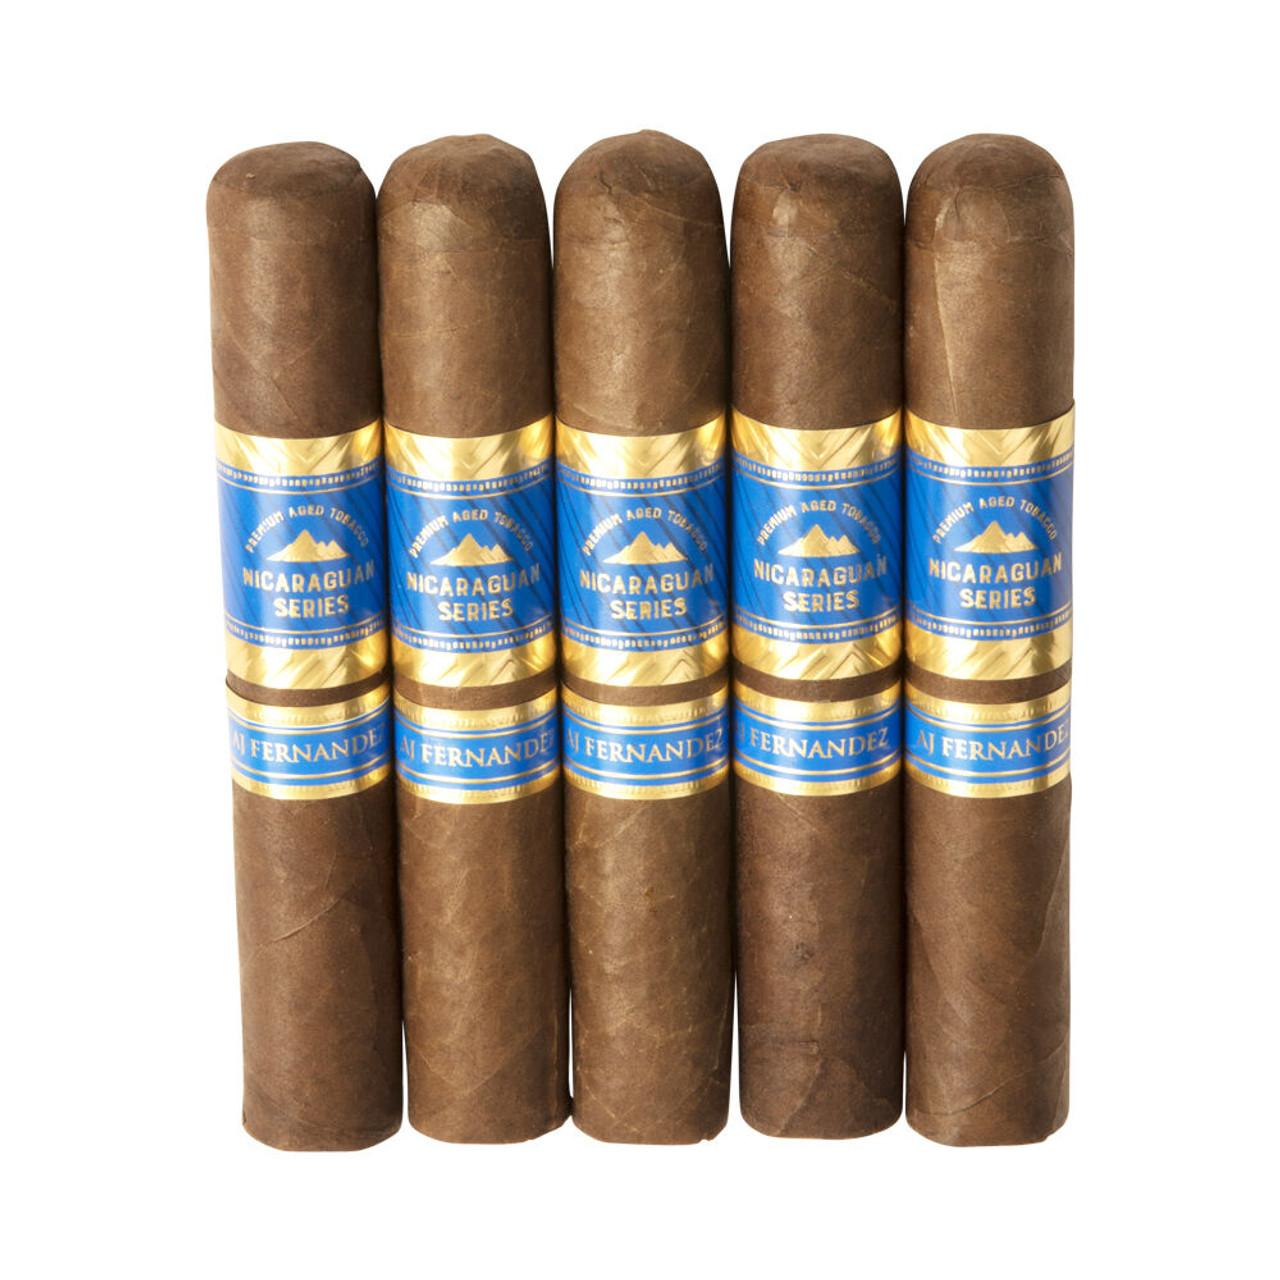 Nicaraguan Series by AJ Fernandez Robusto Cigars - 5 x 52 (Pack of 5)